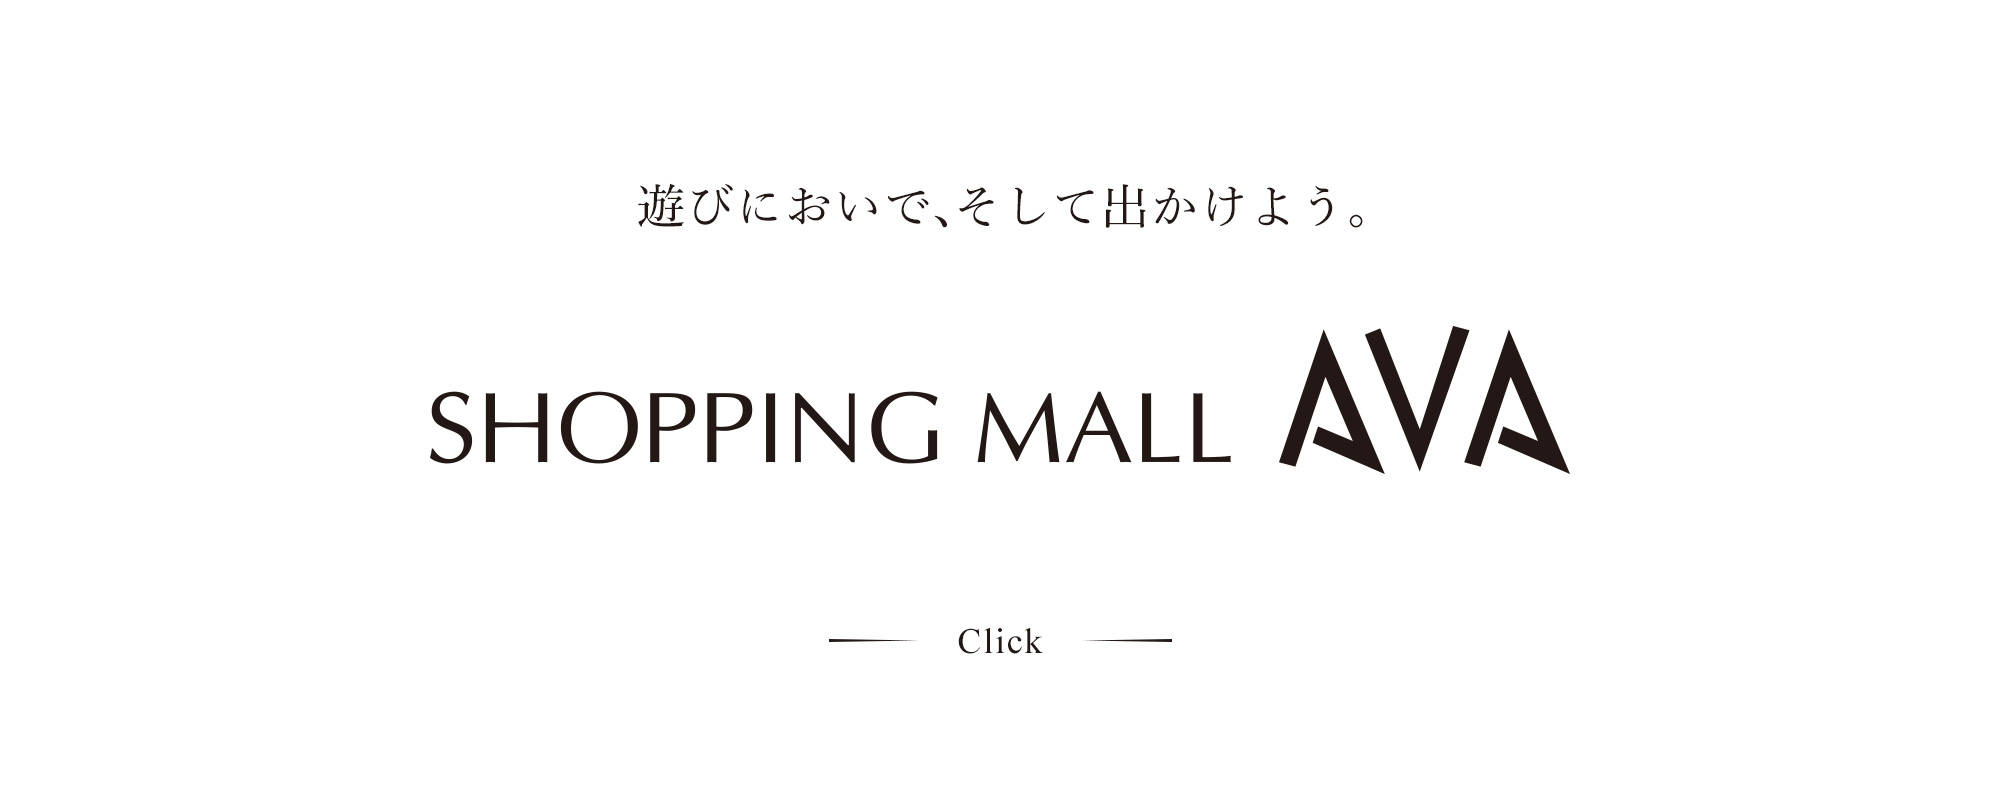 遊びにおいで、そして出かけよう。SHOPPING MALL AVA(ショッピングモール アヴァ)